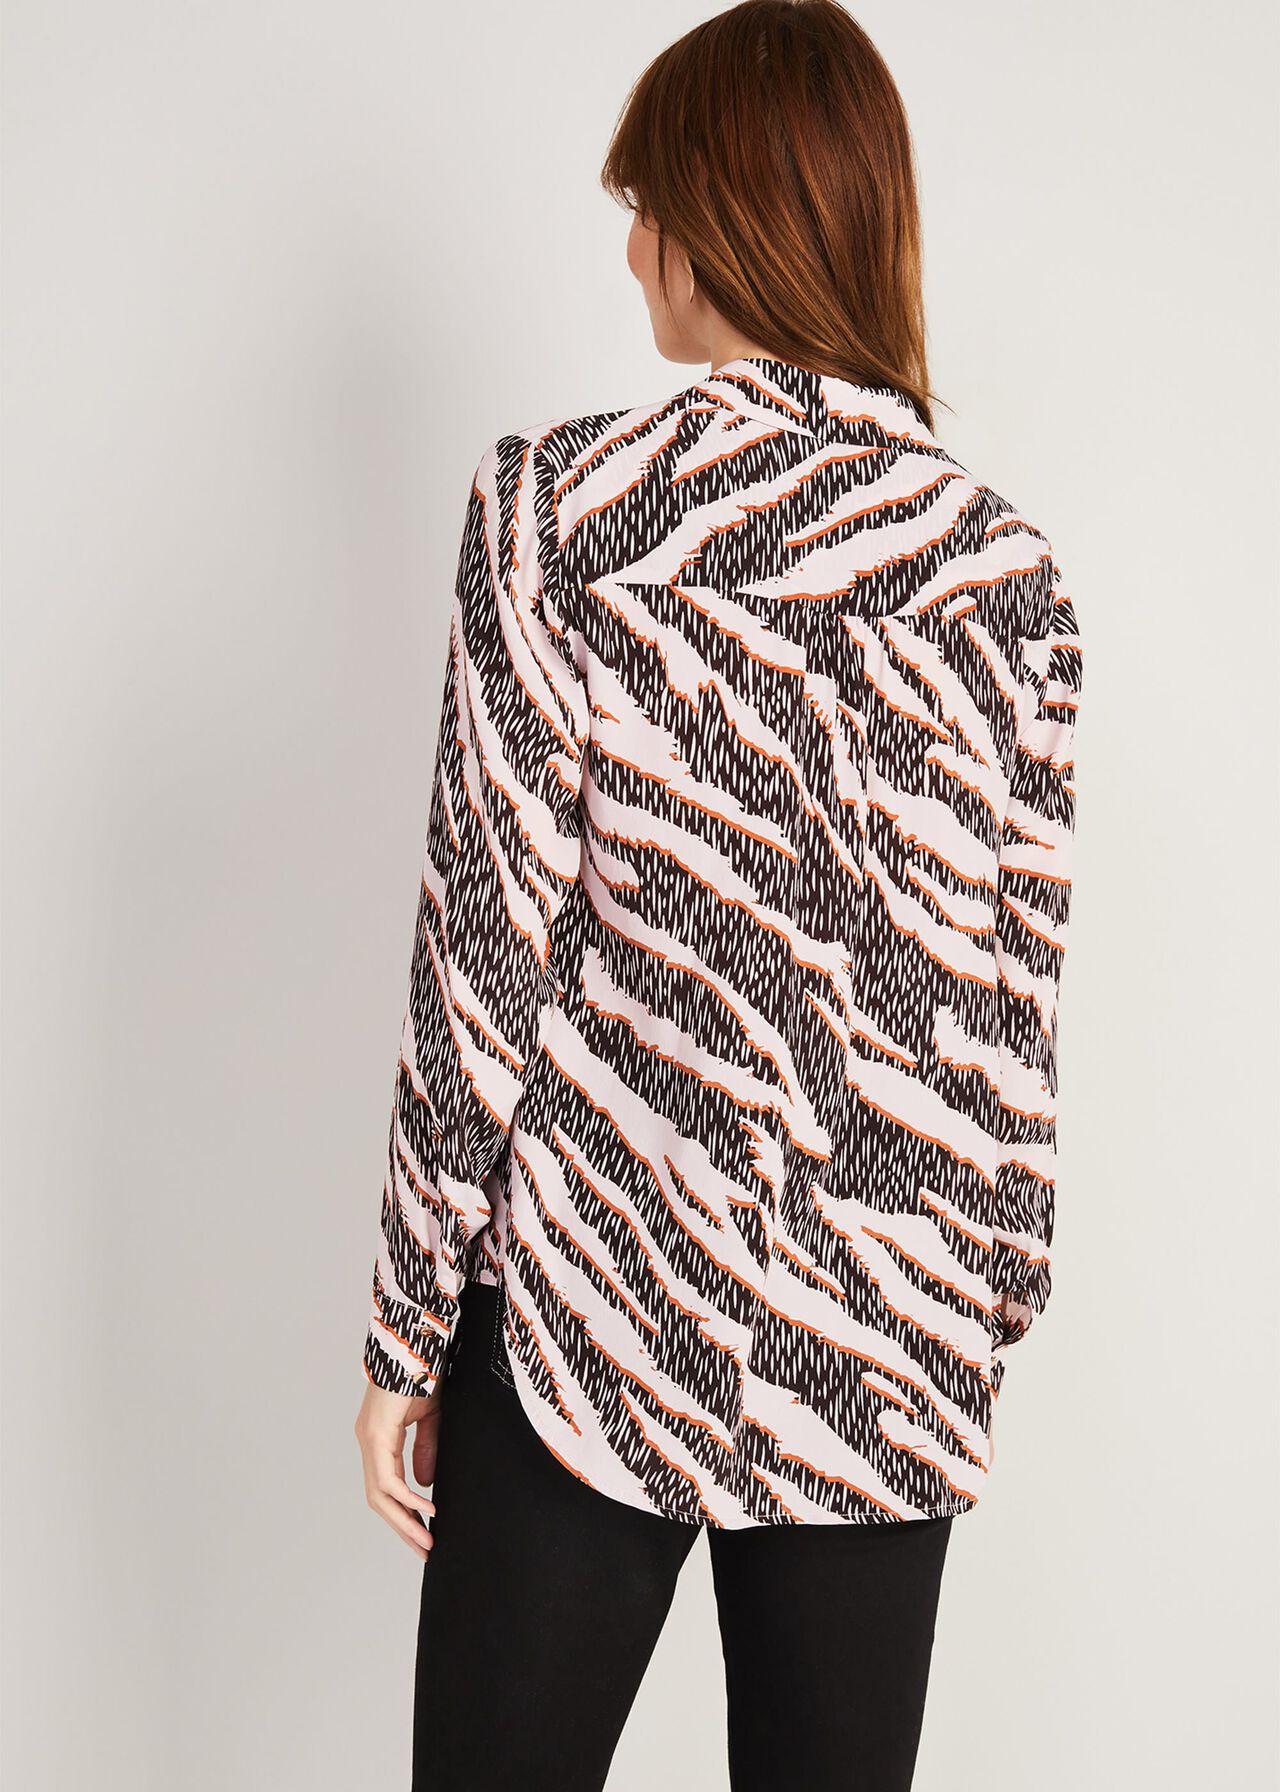 Averie Silk Blend Zebra Blouse